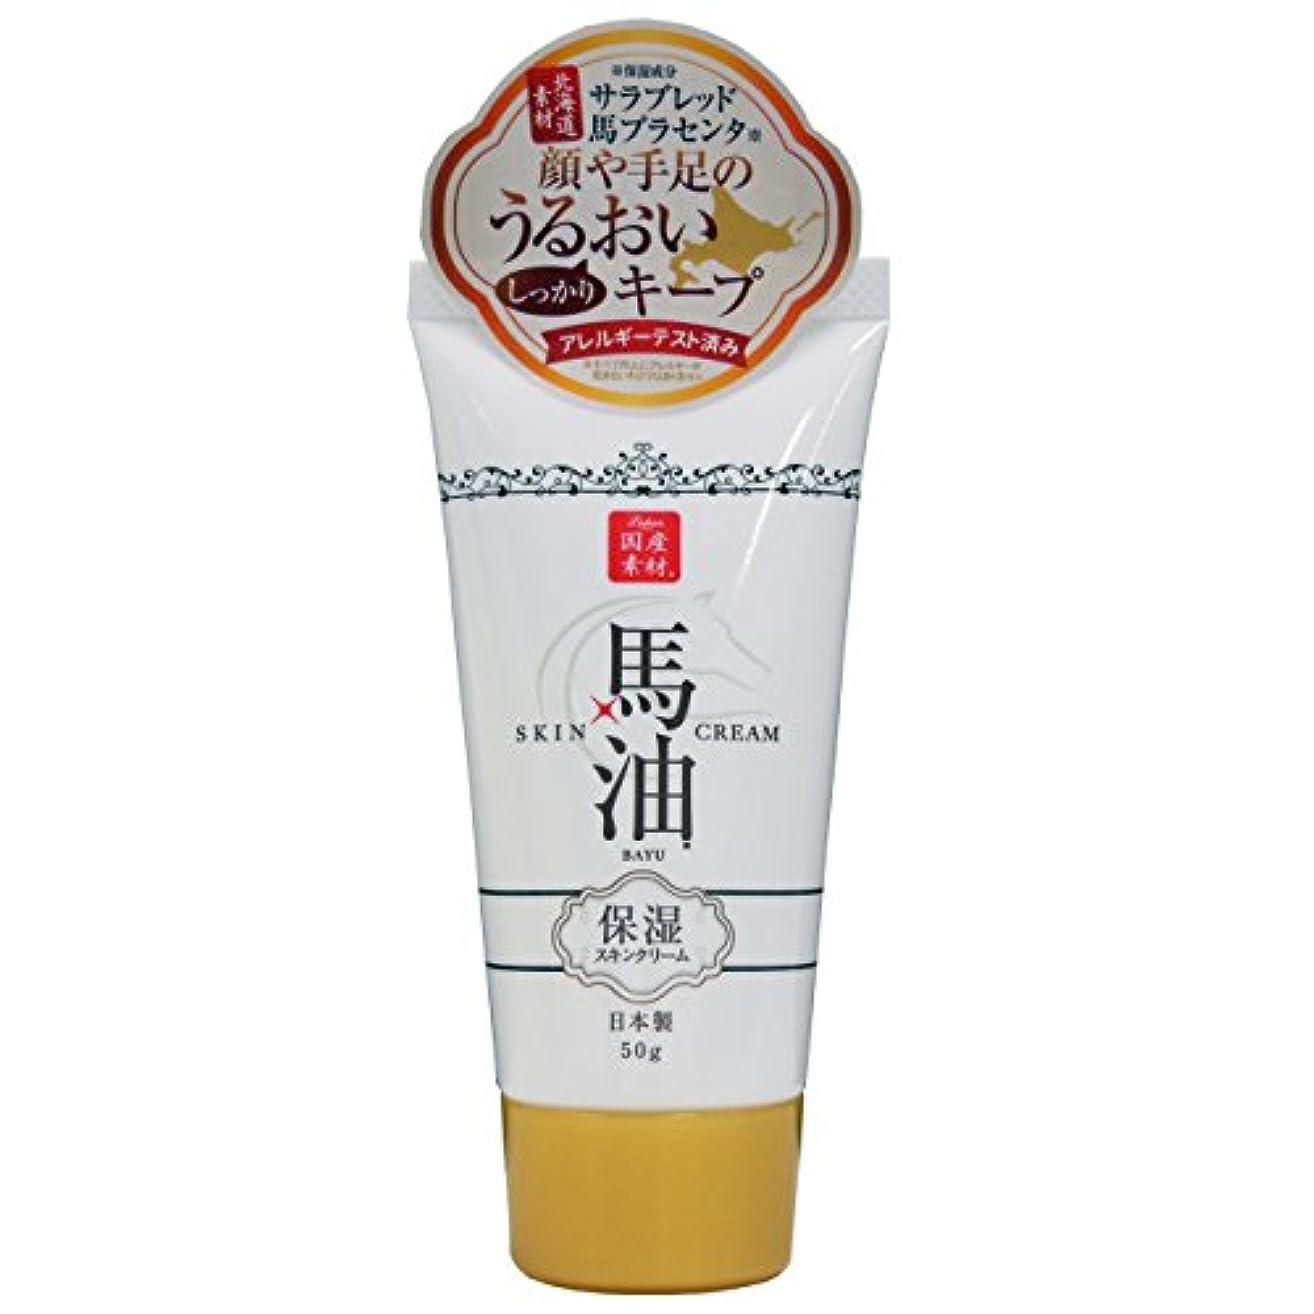 パス反発する縁石リシャン 馬油スキンクリーム ミニ (さくらの香り) 50g